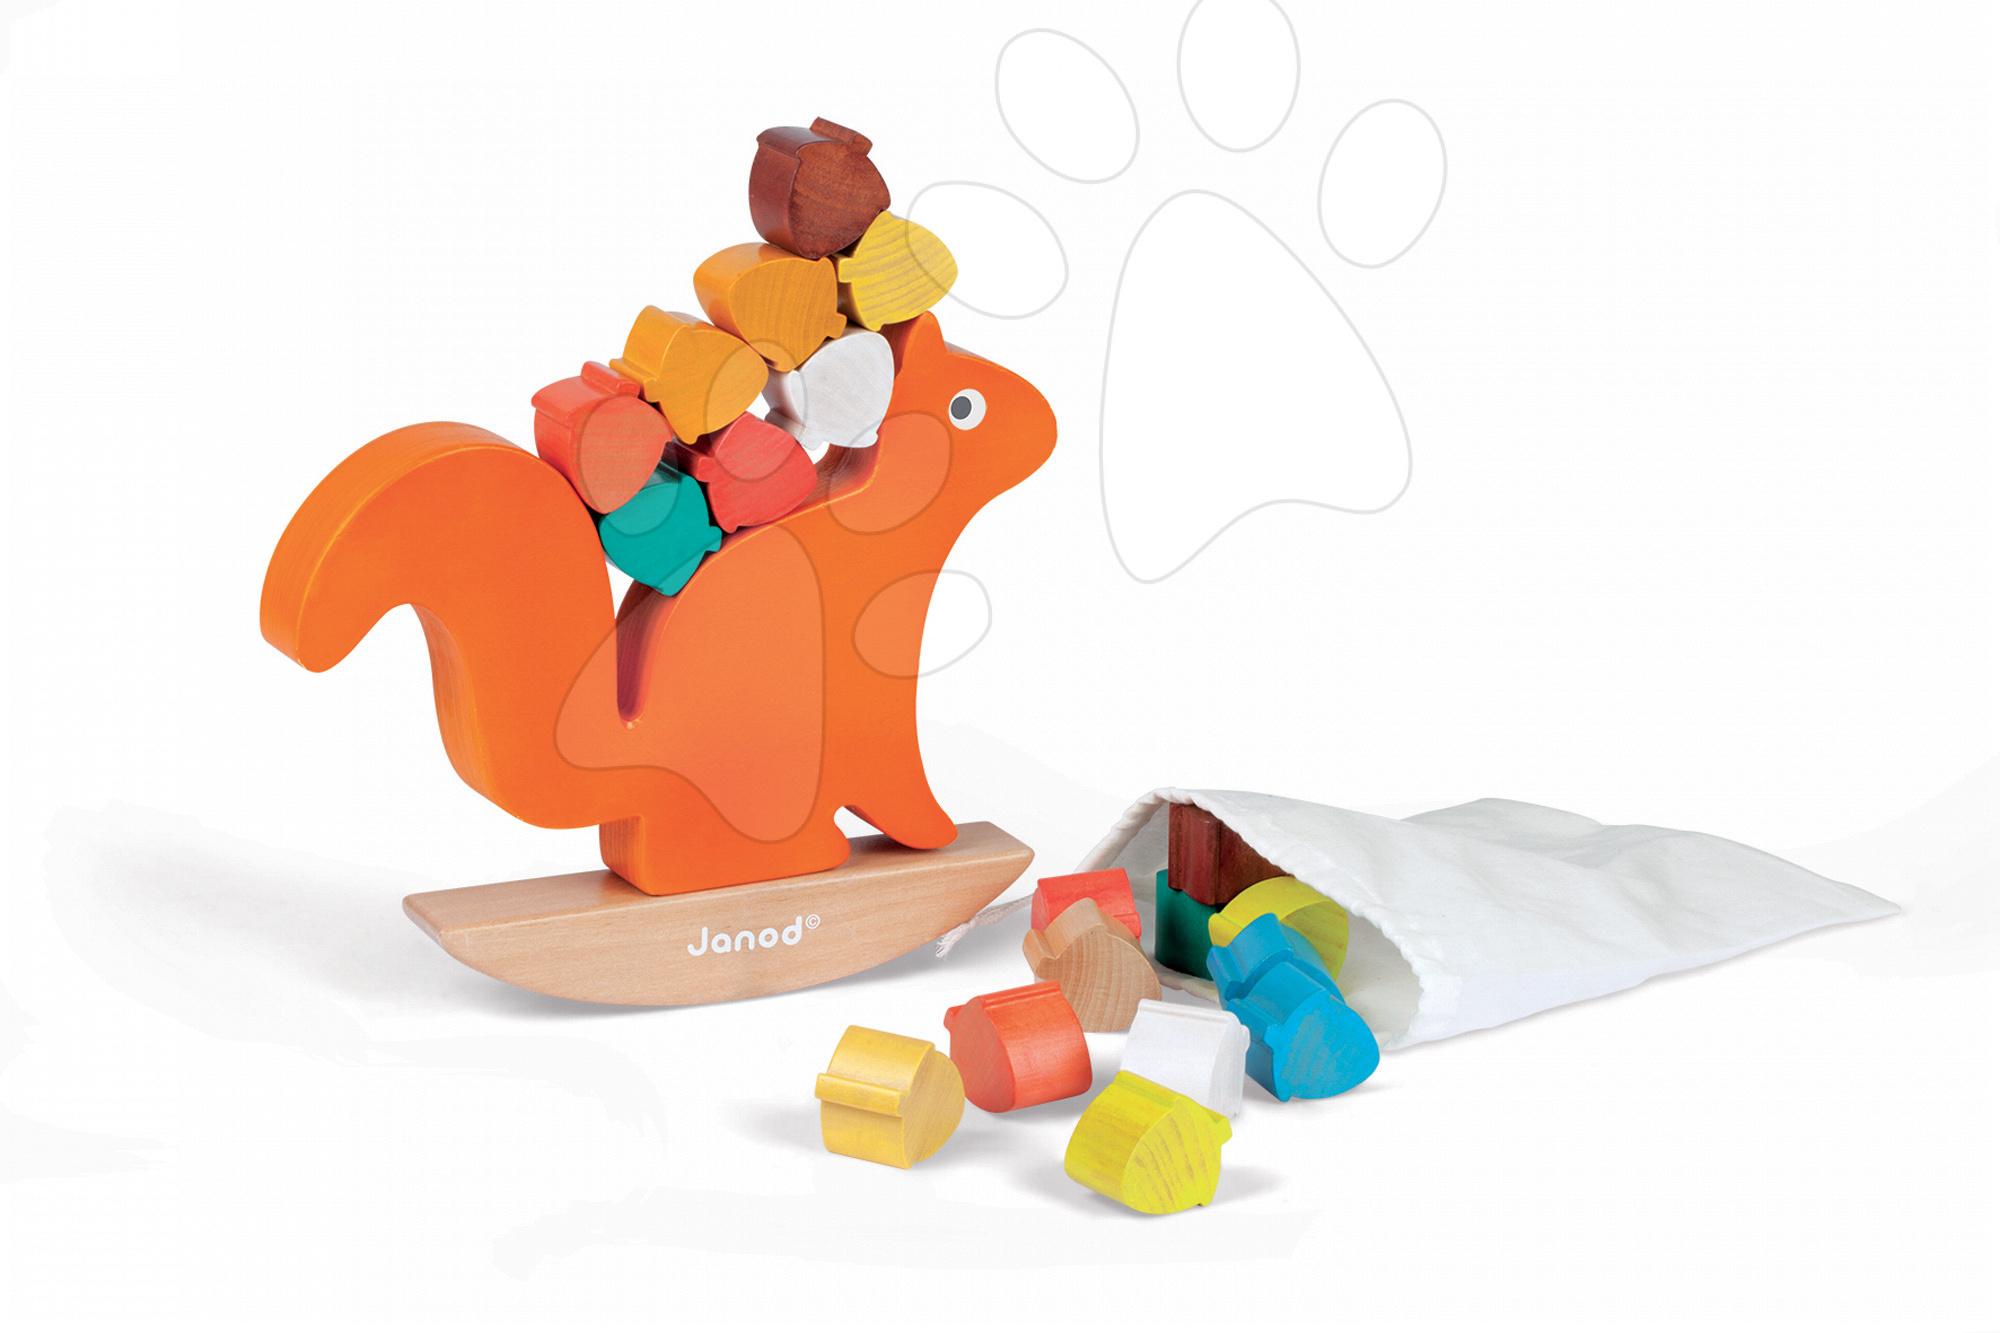 Dřevěná veverka s oříšky Janod hra na rovnováhu od 18 měsíců